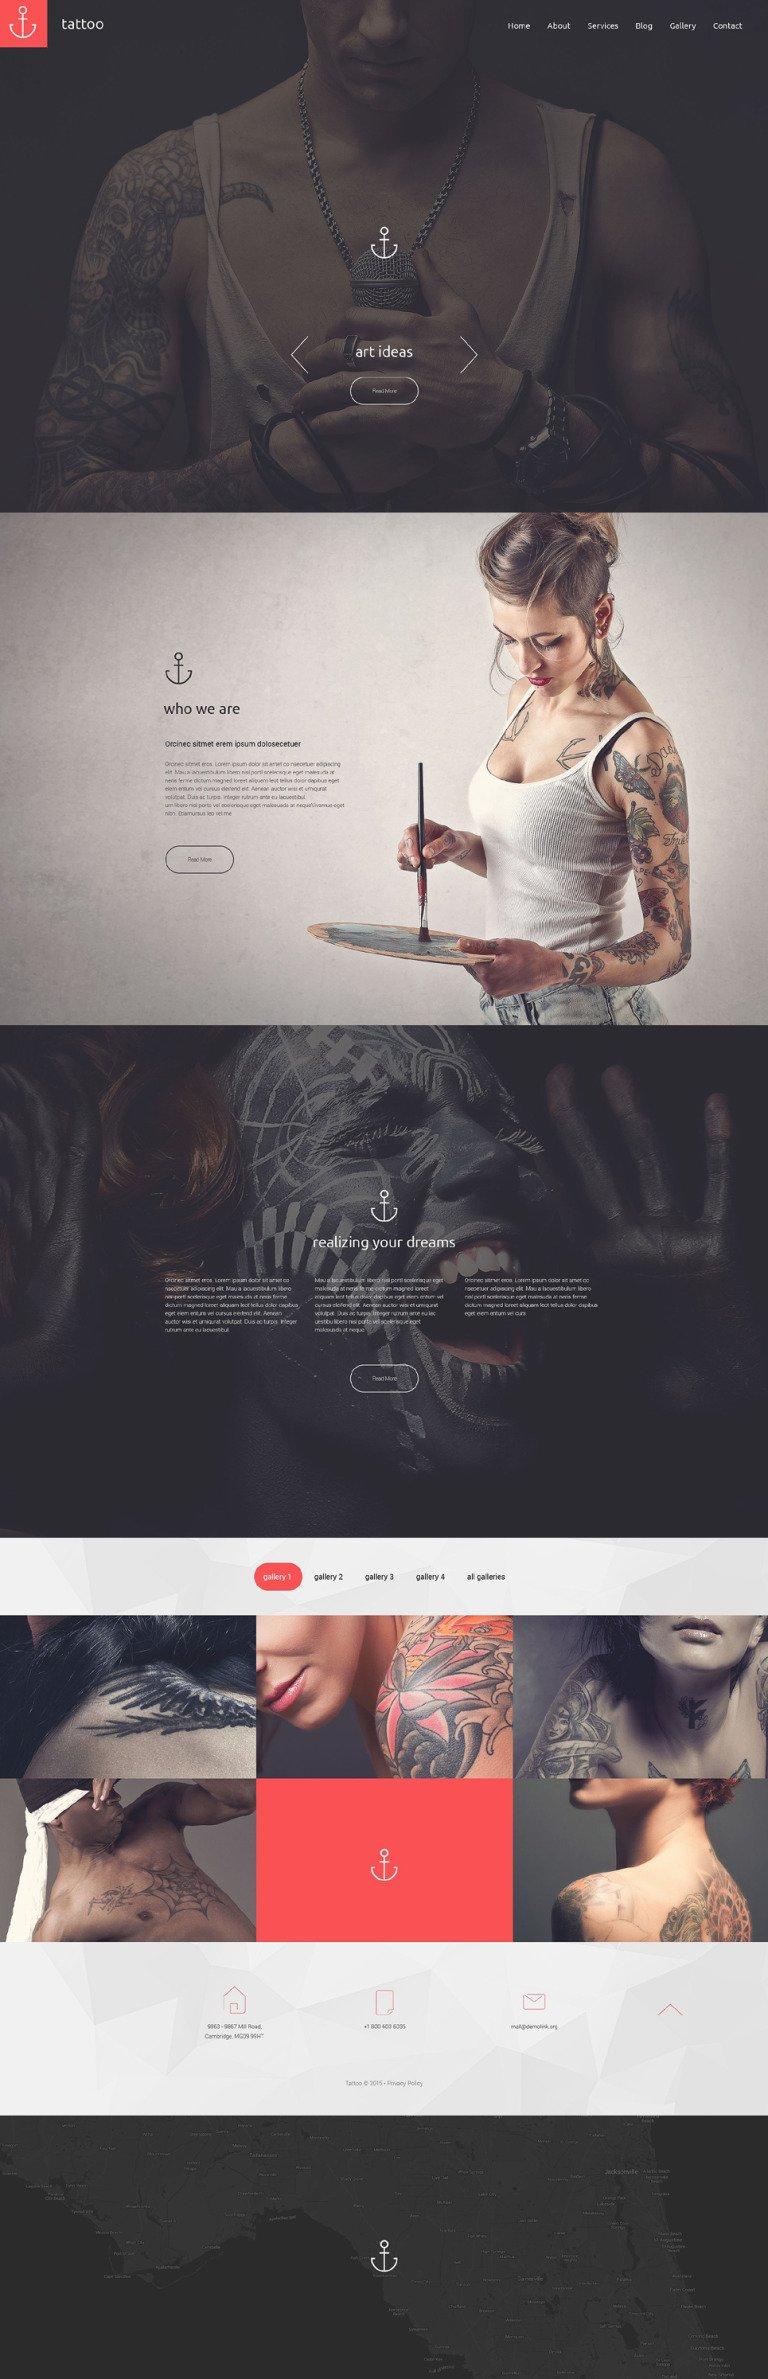 Tattoo Drupal Template New Screenshots BIG